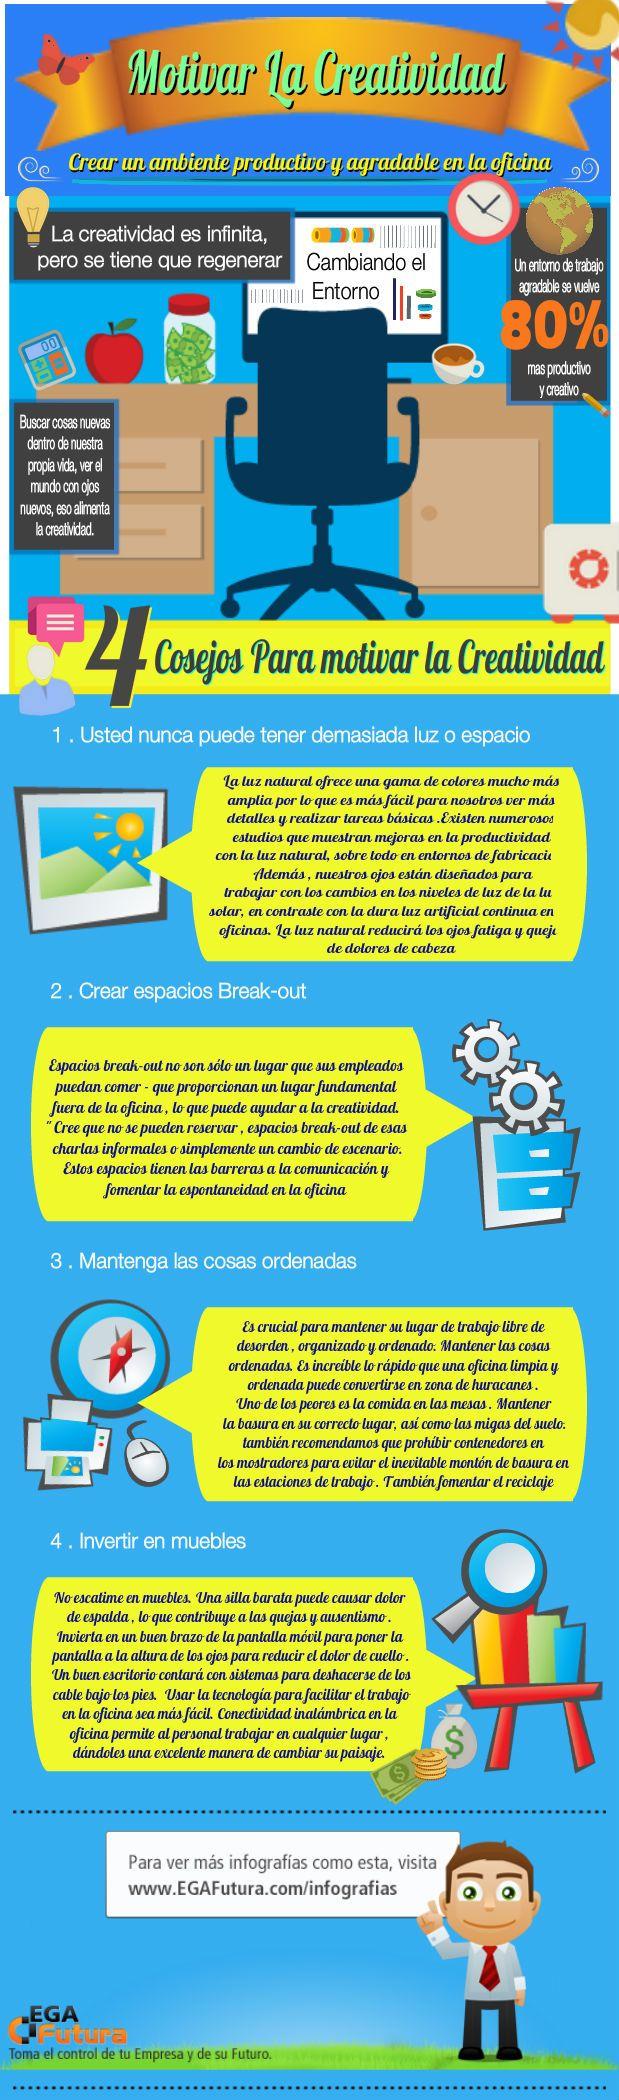 Hola: Una infografía sobre cómo motivar la creatividad desde la oficina. Un saludo